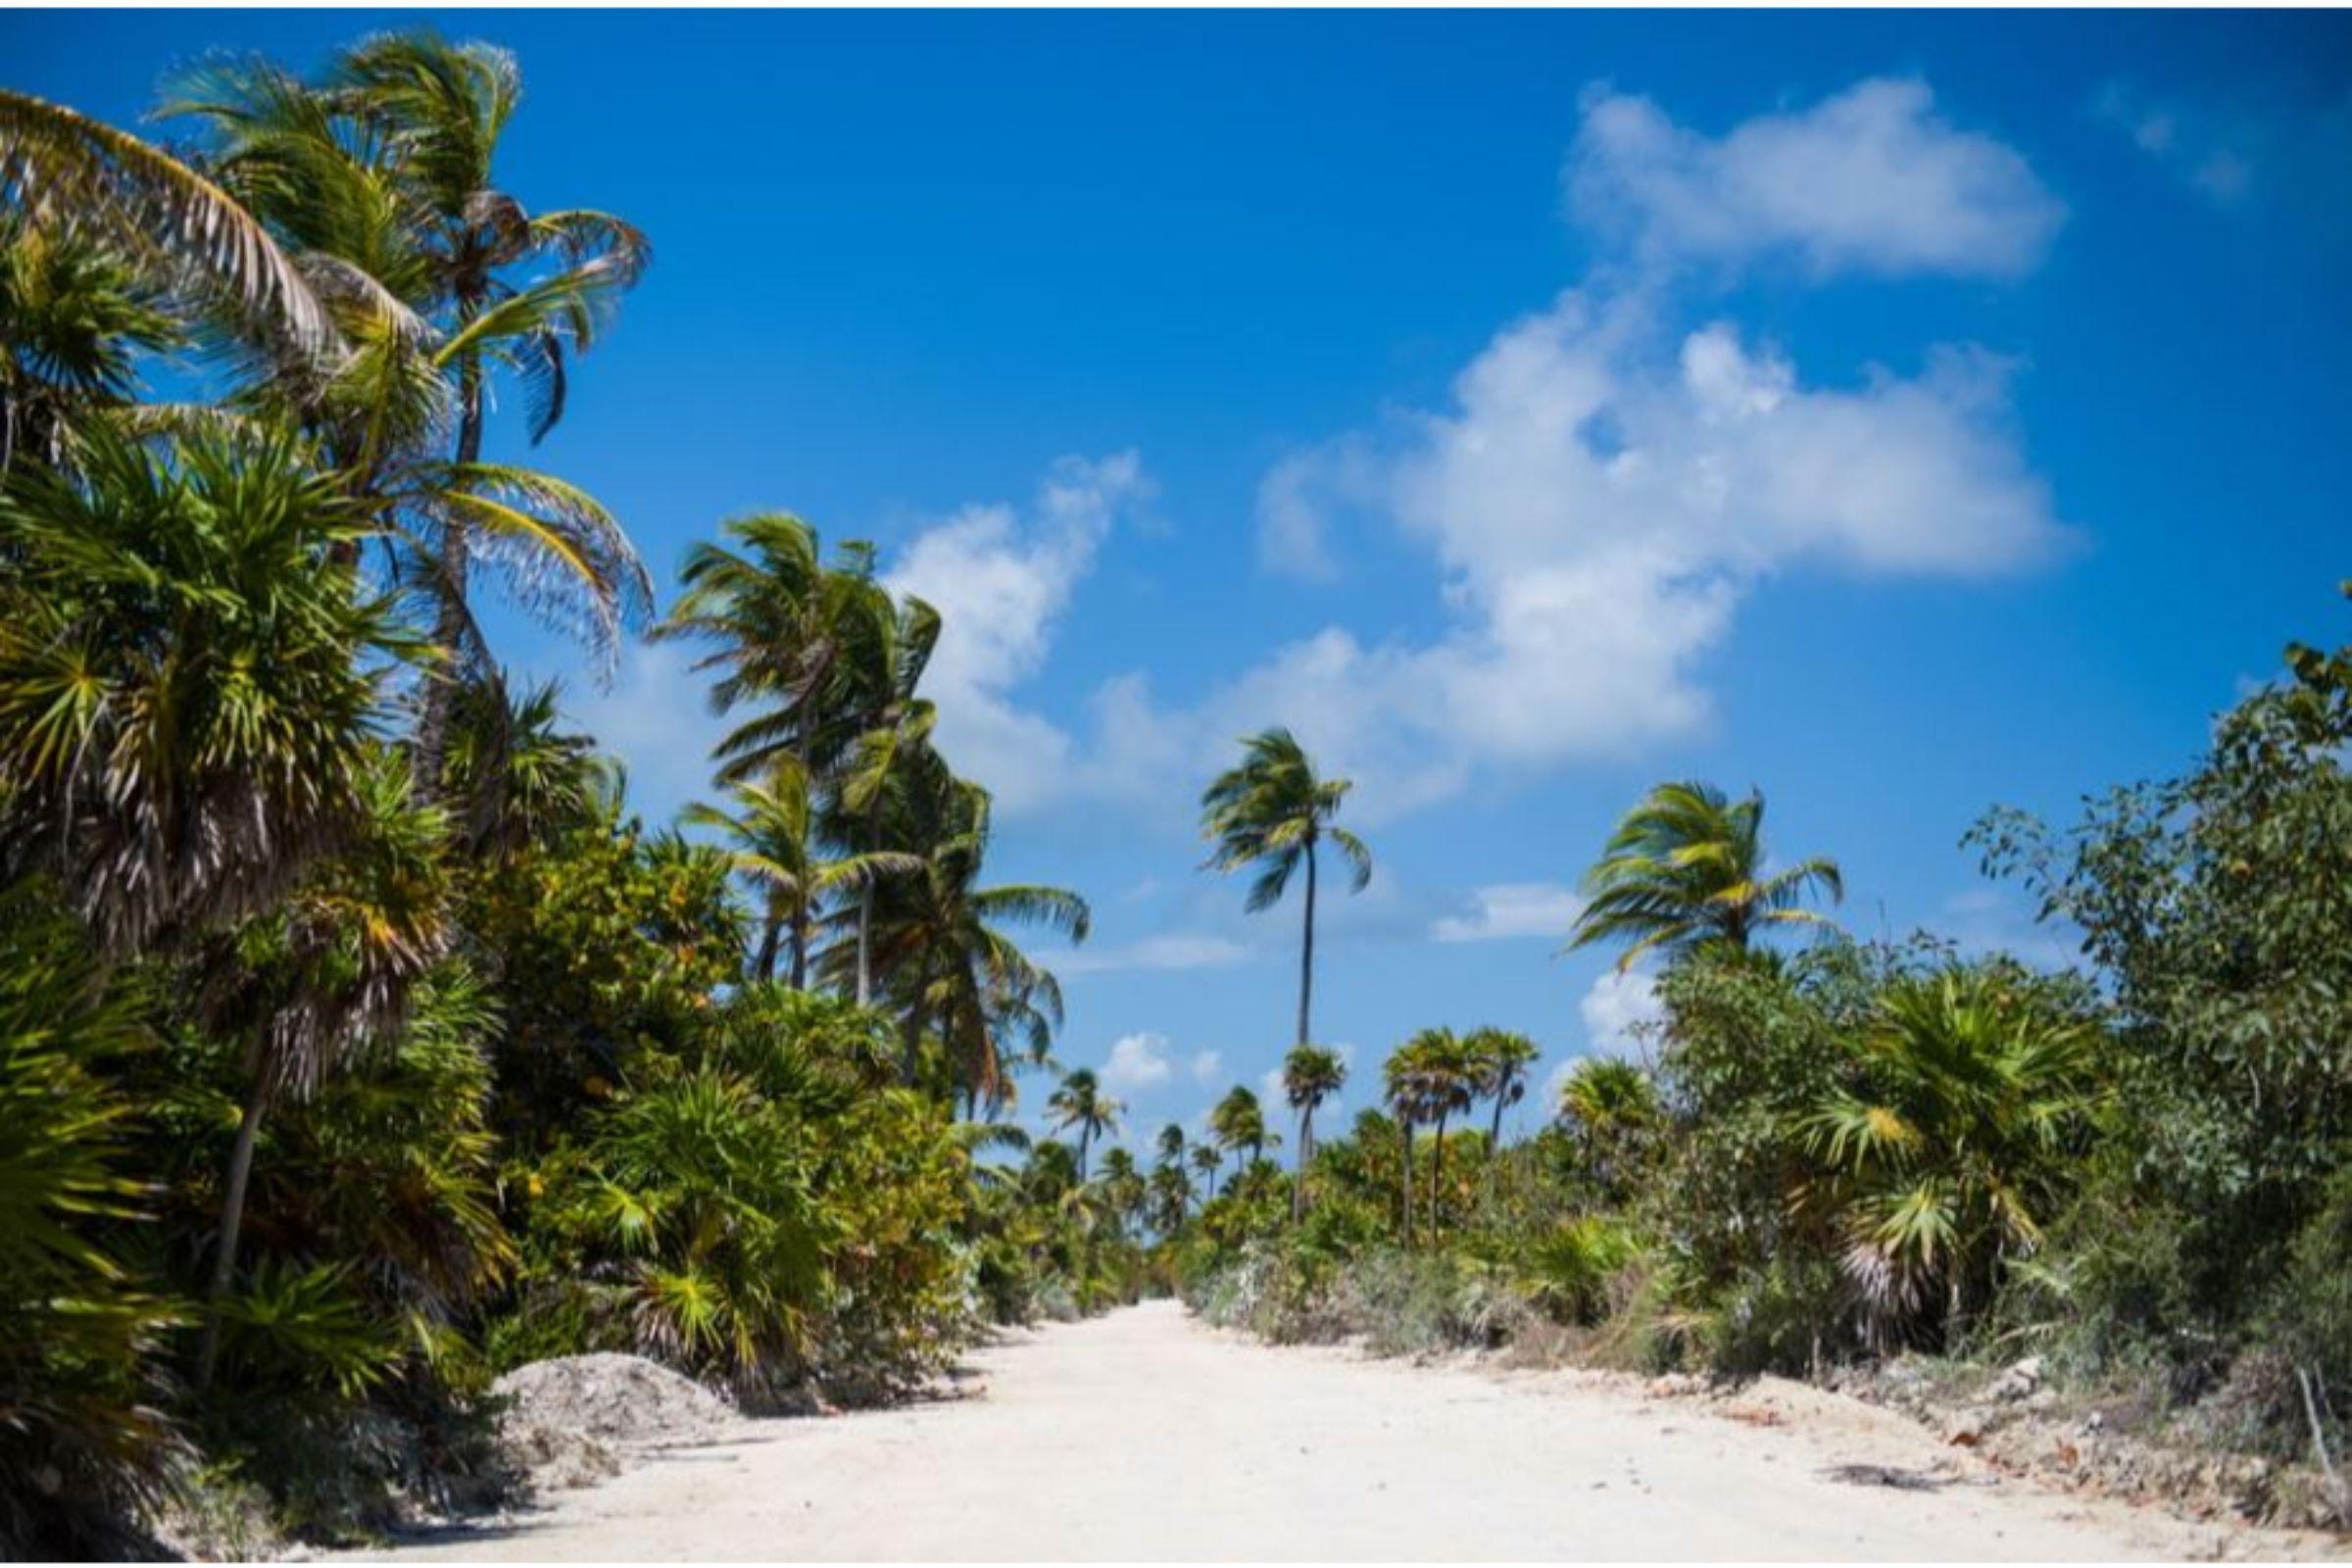 tulum villas on the beach